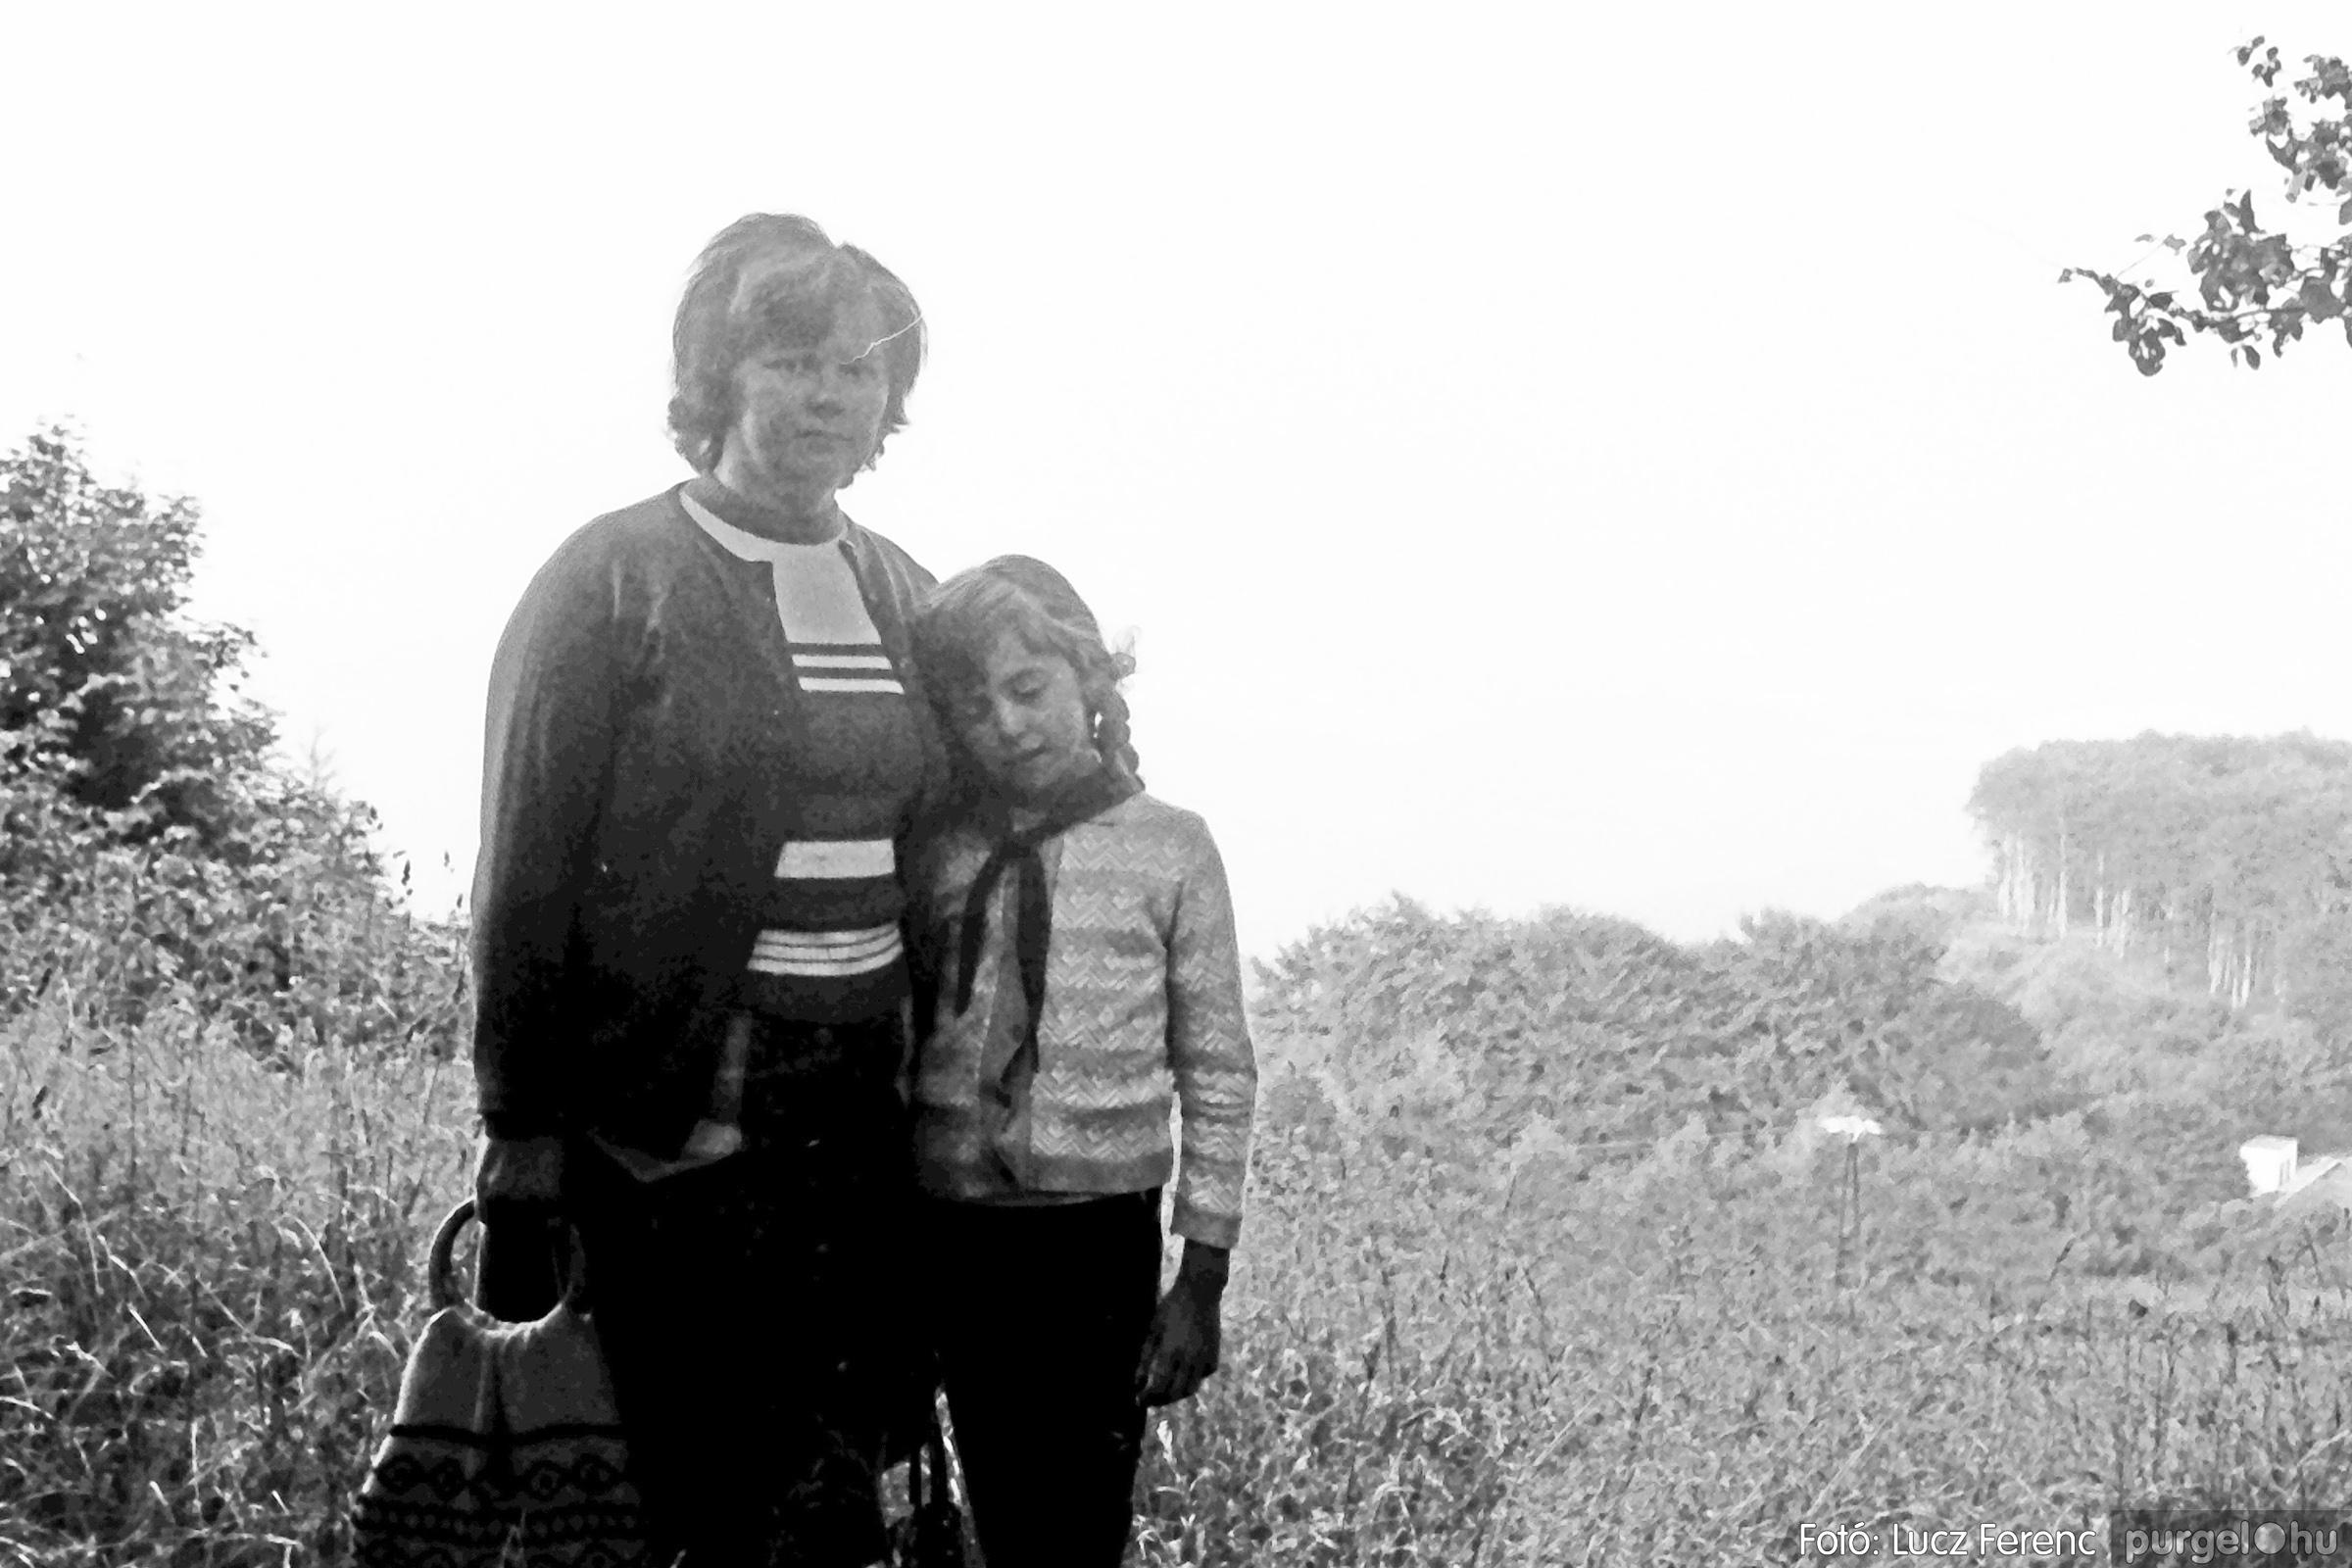 086, 088. 1977. Nyári tábor a Mátrában 017. - Fotó: Lucz Ferenc.jpg